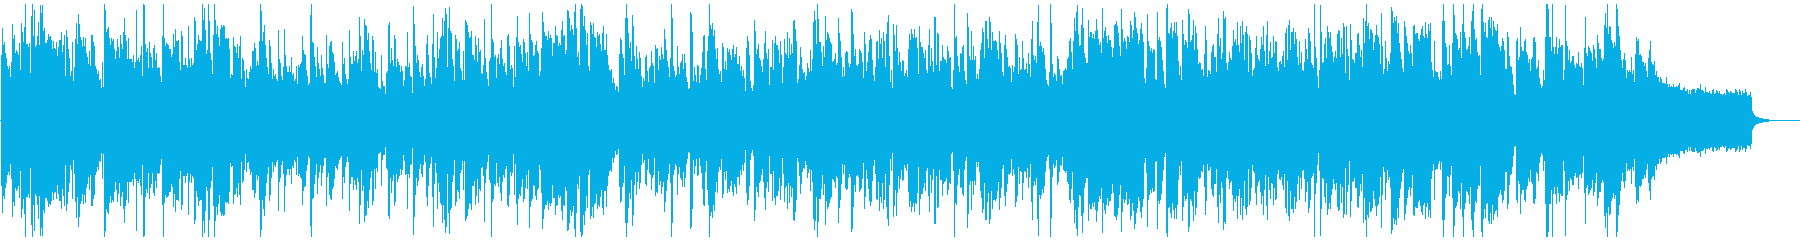 超かっこいい高速ジャズ ※60秒版の再生済みの波形